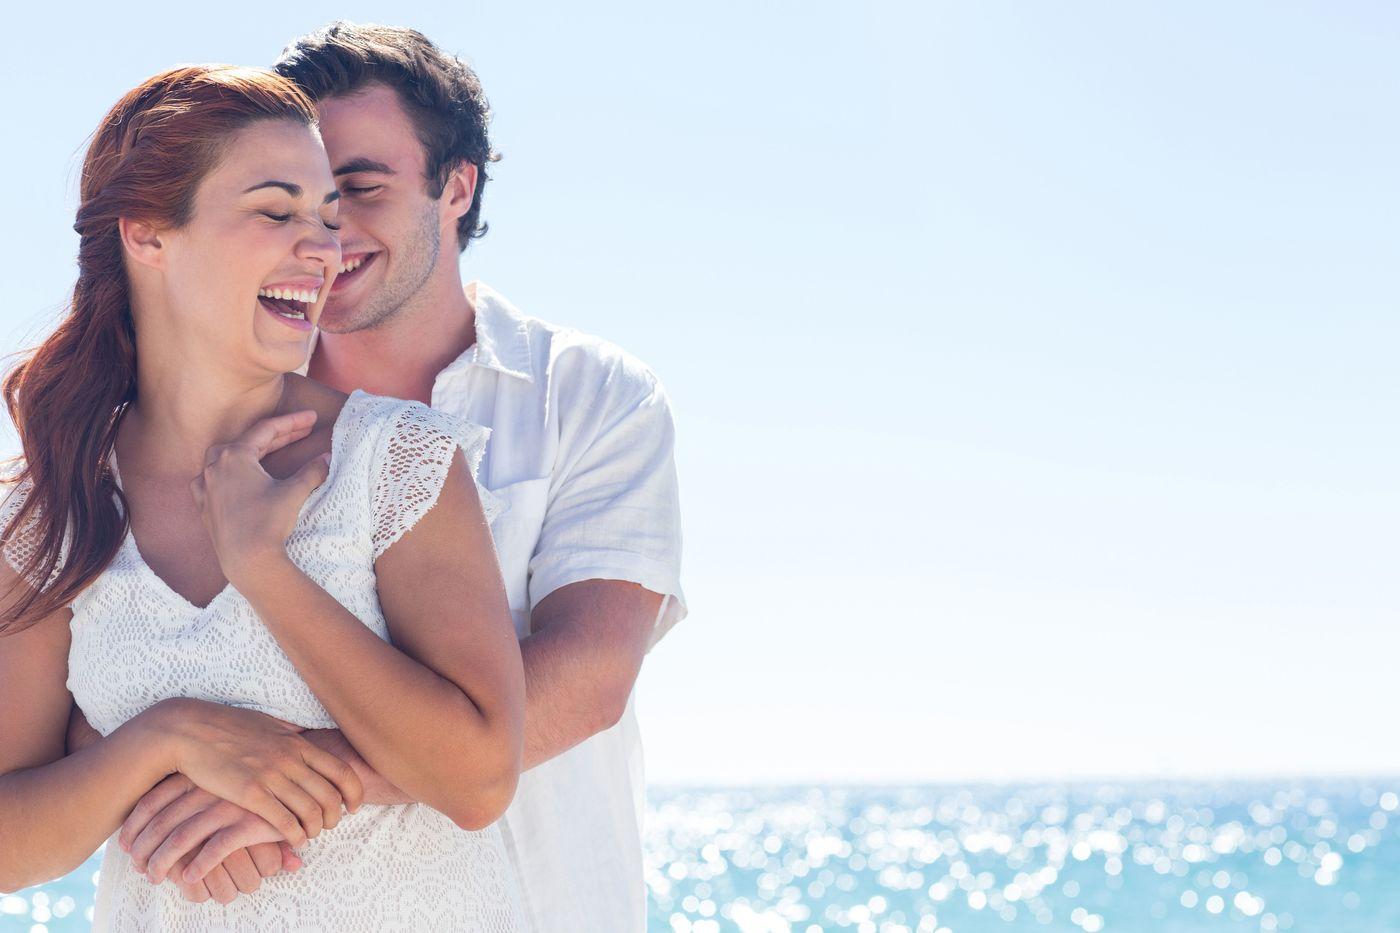 外国人カップルに学ぶ!ずっとラブラブなカップルになるためには?の4枚目の画像